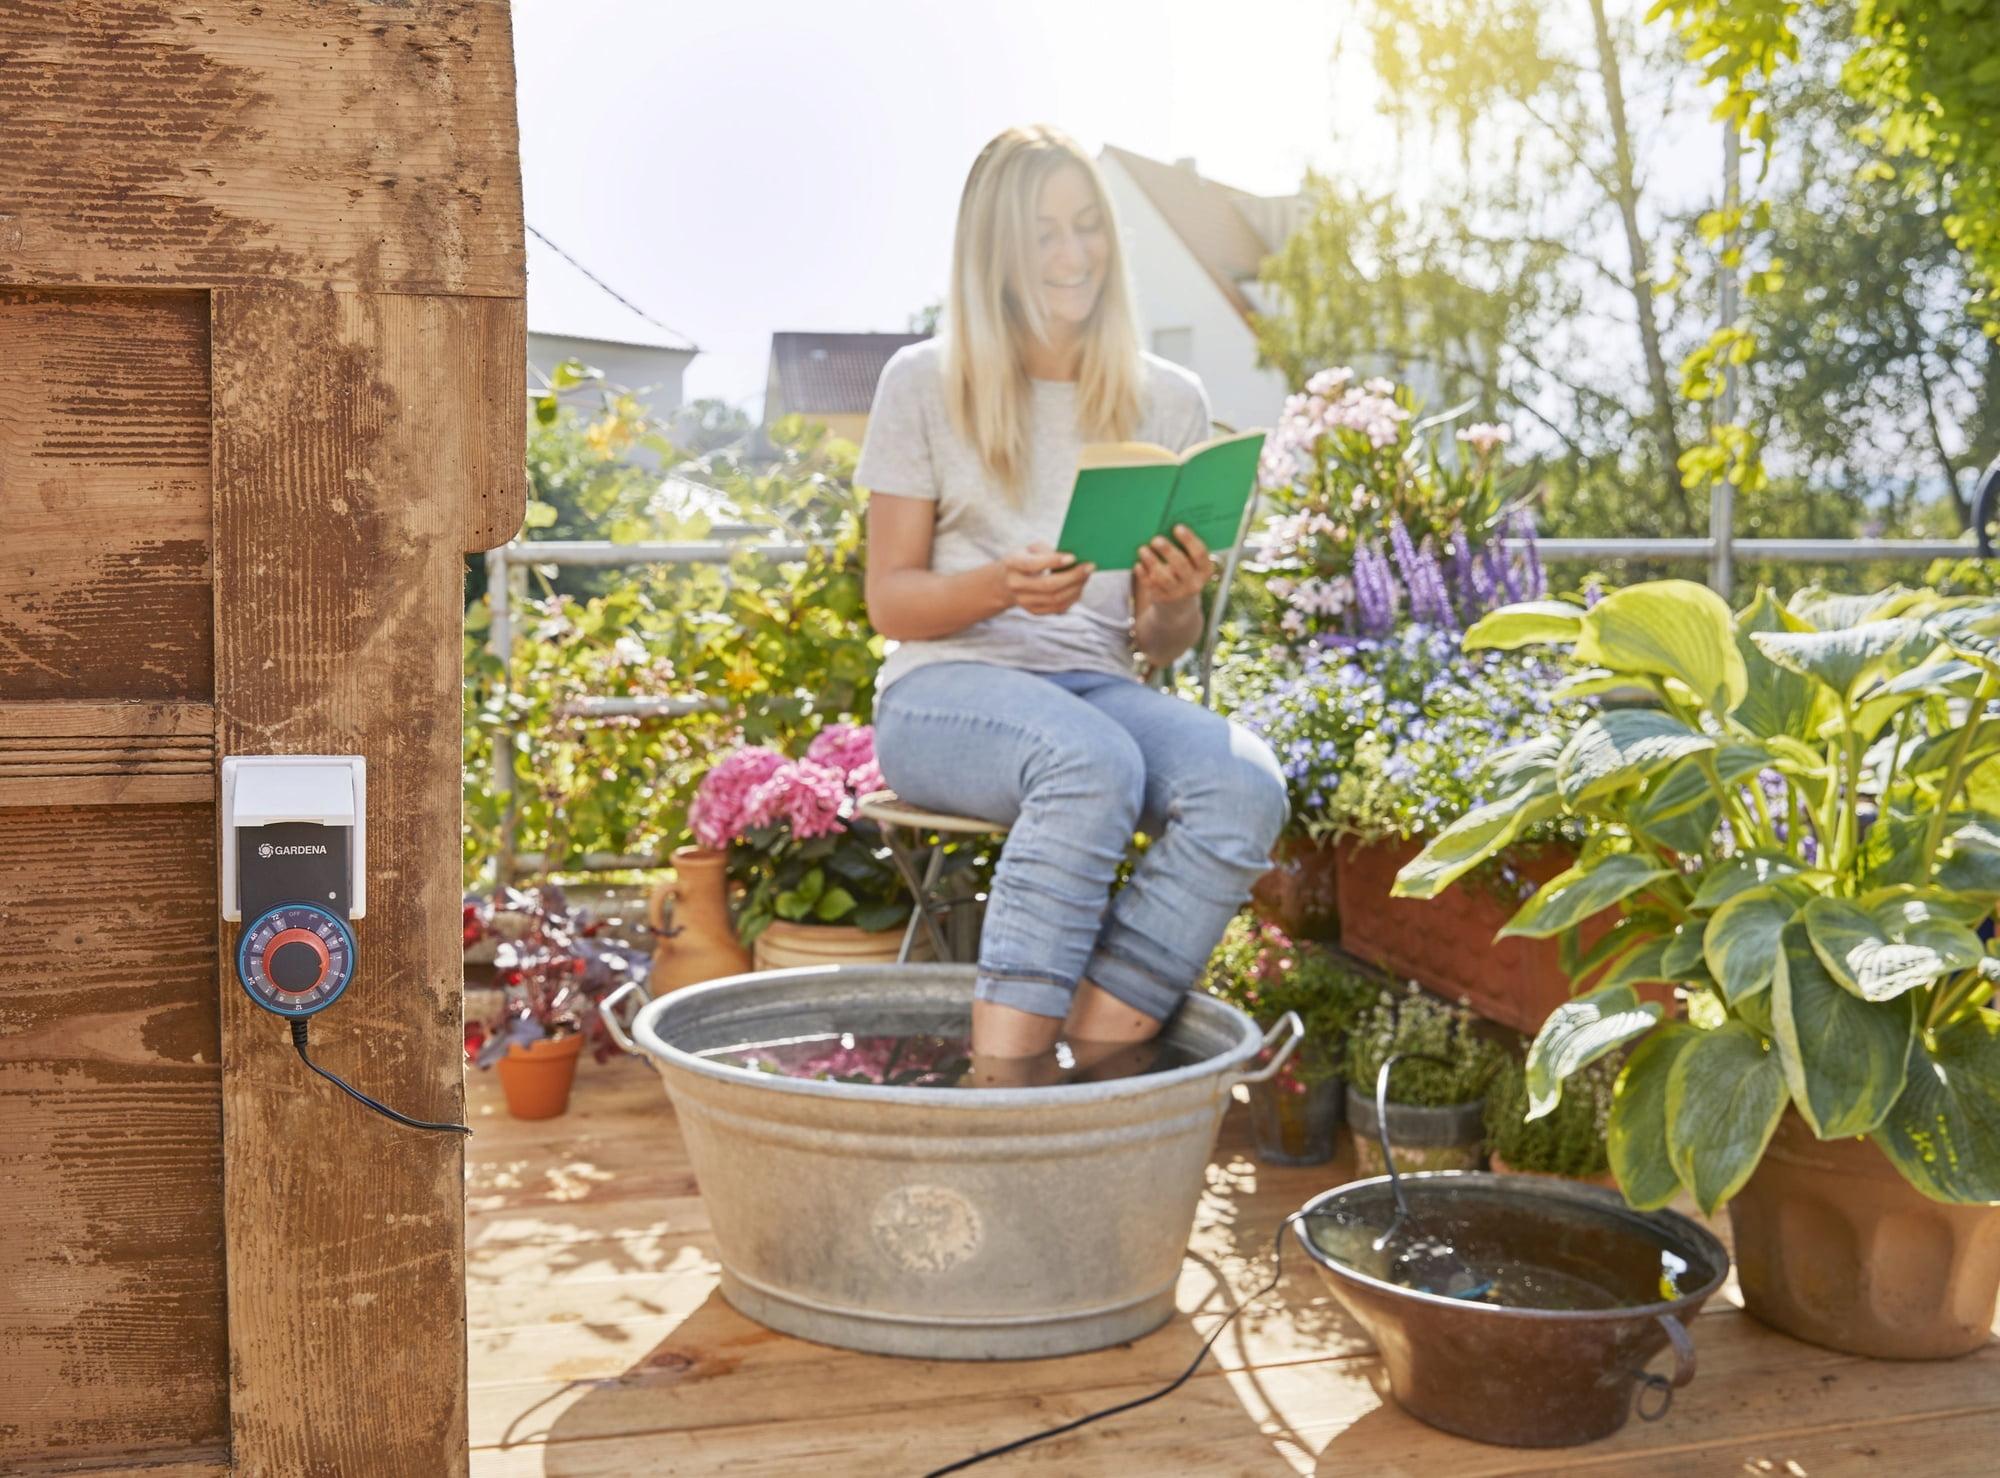 Full Size of Bewässerung Balkon Gardena Vollautomatische Blumenkastenbewsserung Bewässerungssysteme Garten Test Bewässerungssystem Automatisch Wohnzimmer Bewässerung Balkon